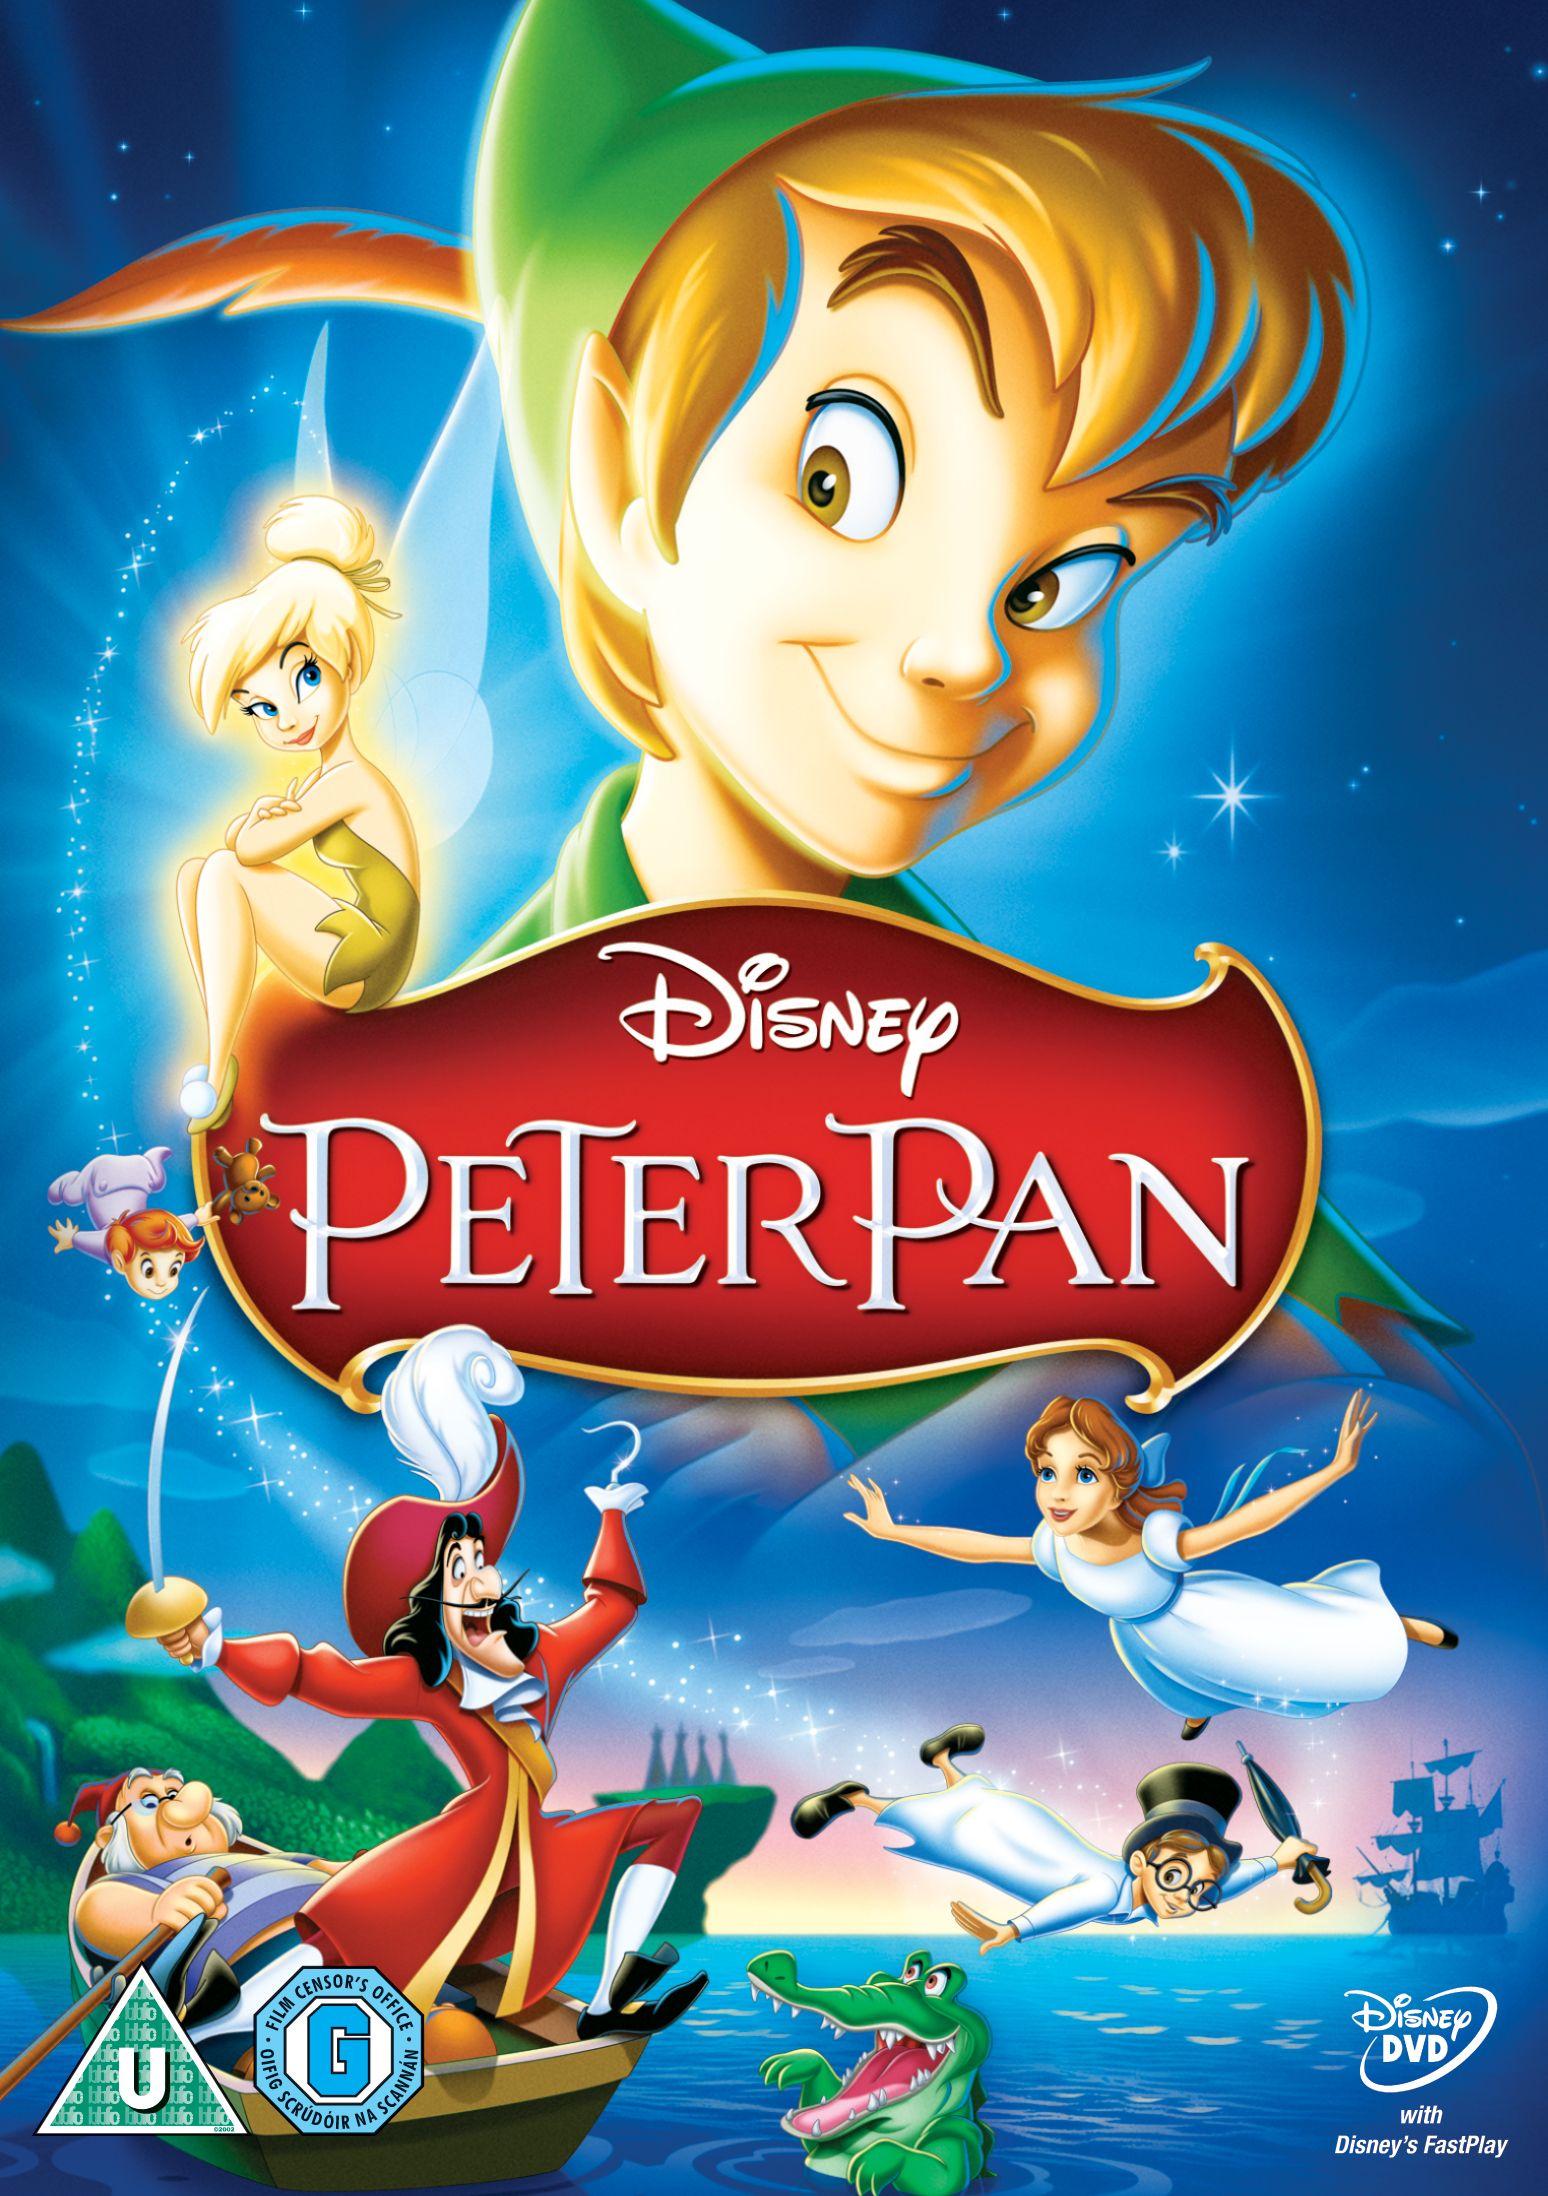 Peter Pan Disney In 2019 Christmas List Movies Movie Posters